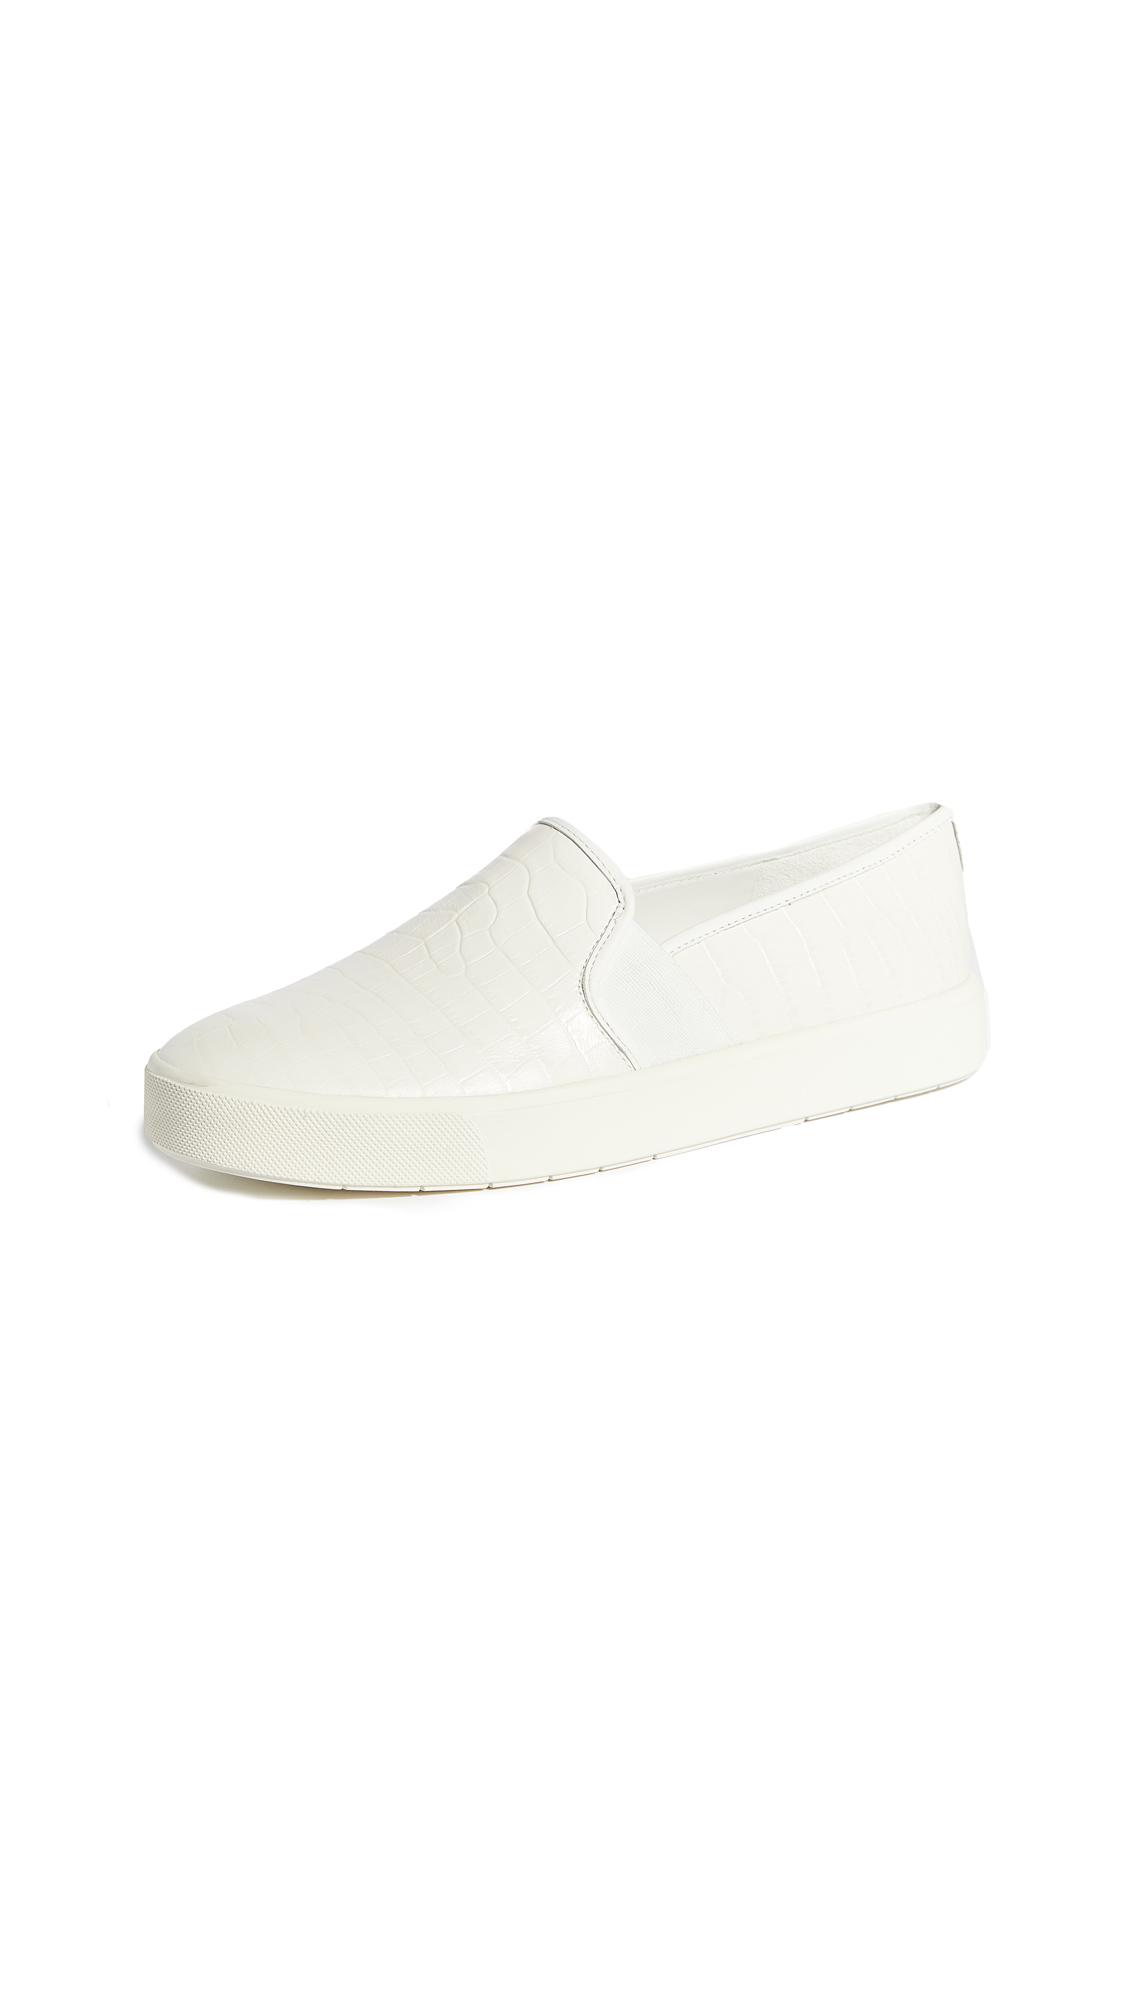 Buy Vince Blair 5 Slip On Sneakers online, shop Vince